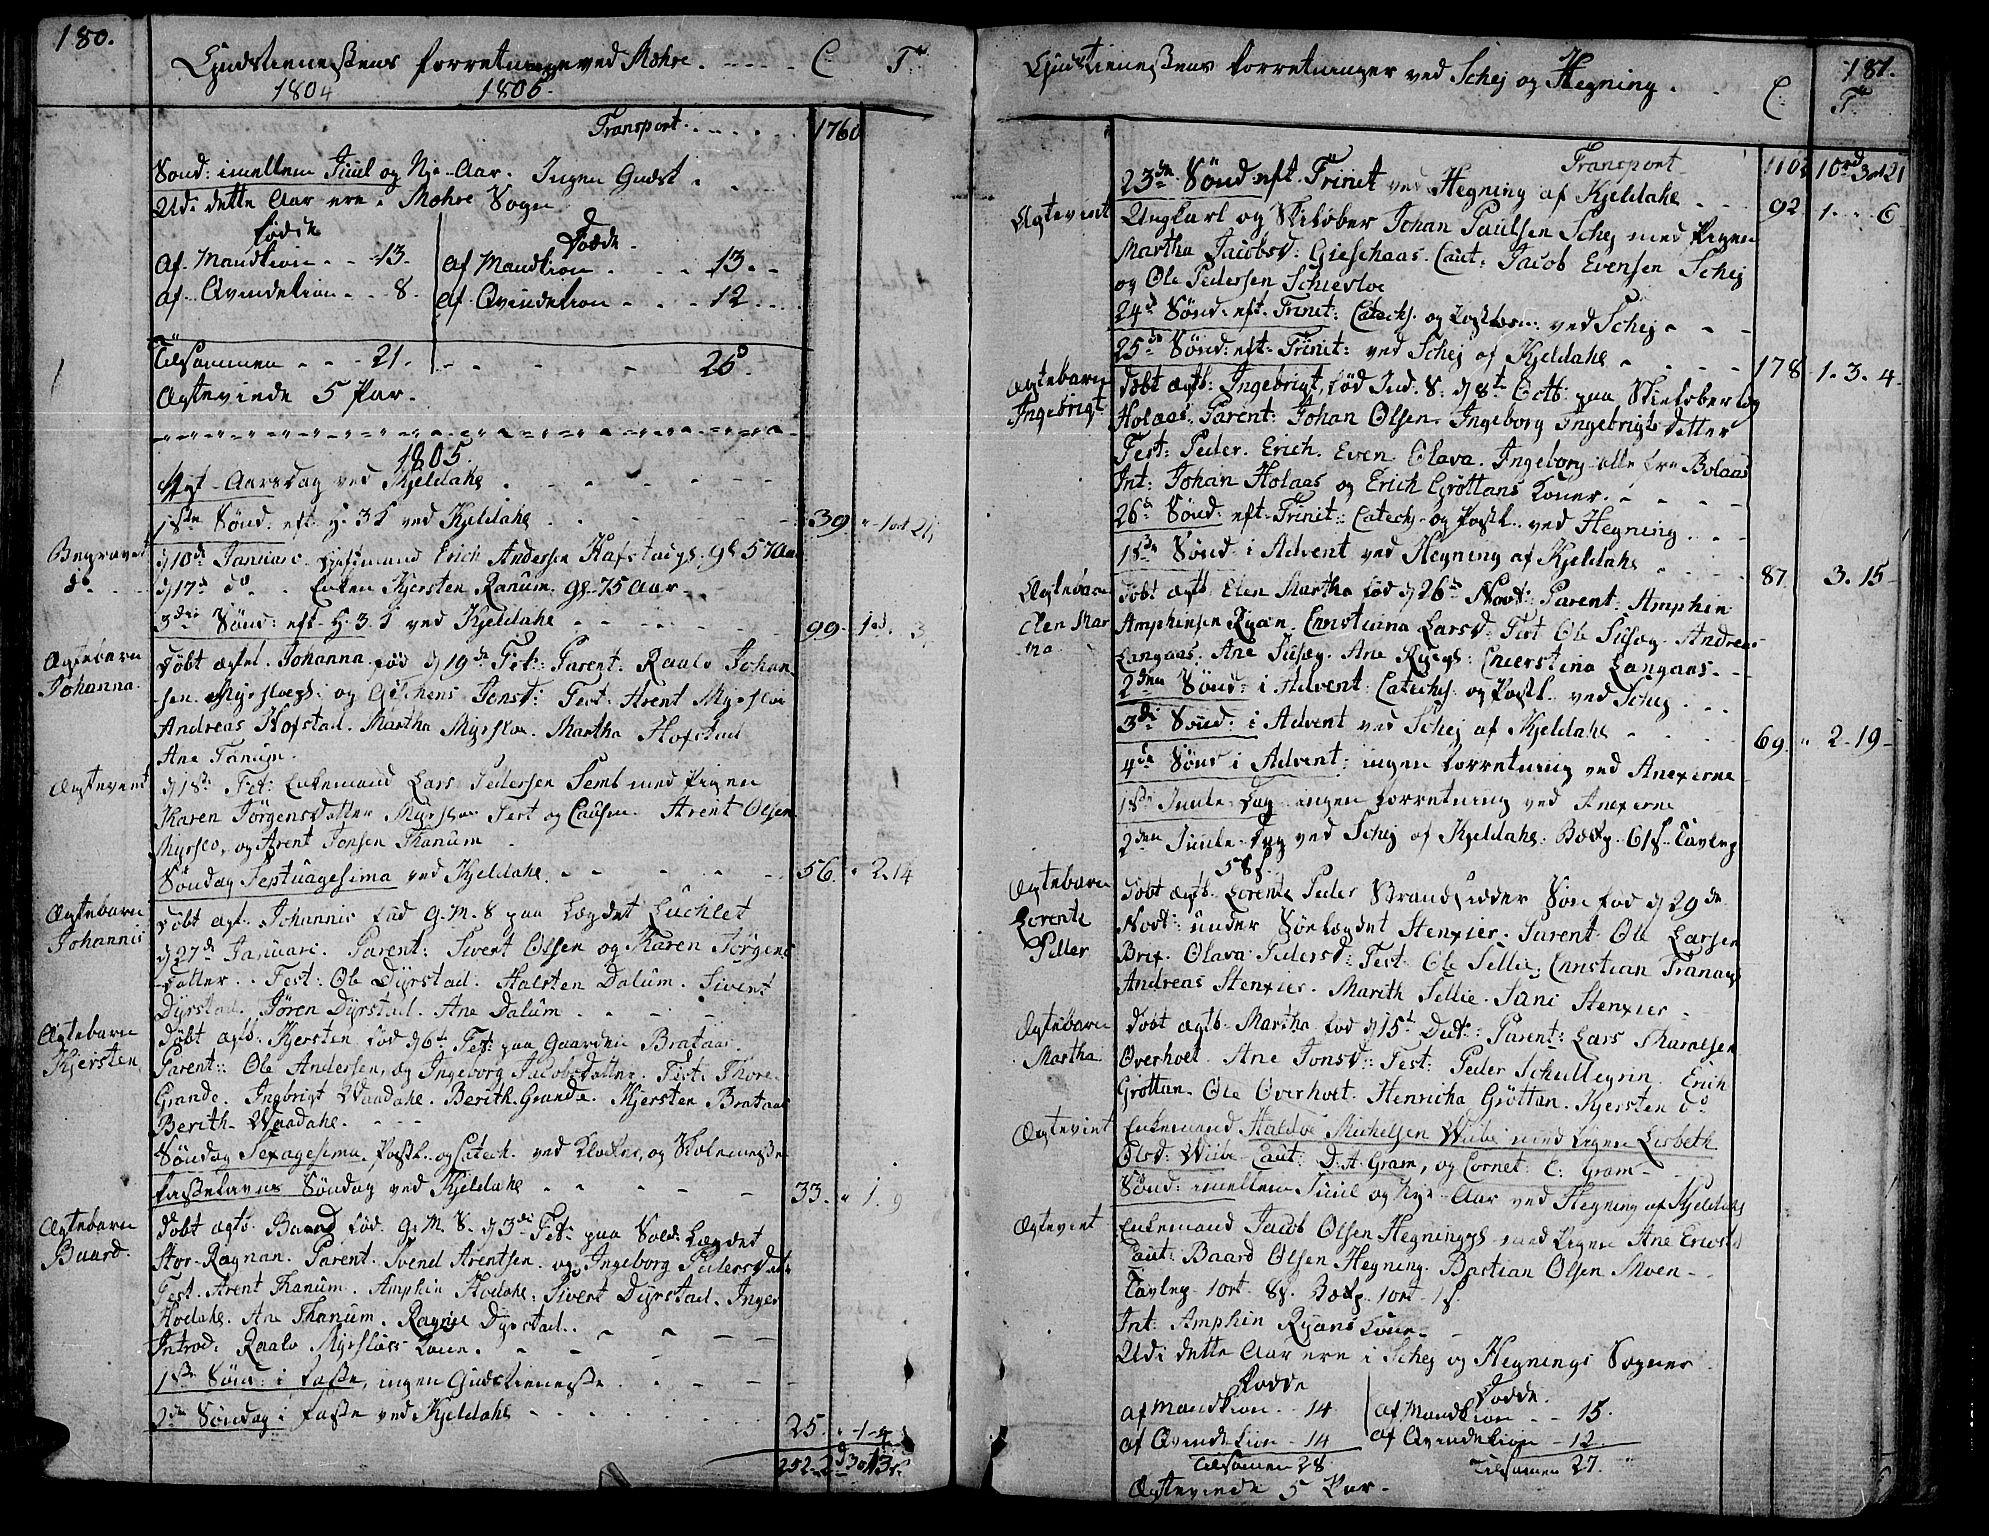 SAT, Ministerialprotokoller, klokkerbøker og fødselsregistre - Nord-Trøndelag, 735/L0332: Ministerialbok nr. 735A03, 1795-1816, s. 180-181